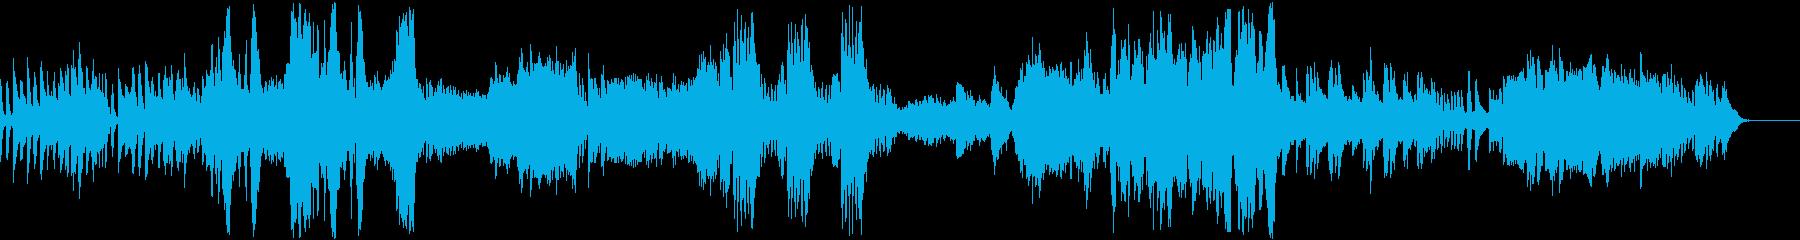 ピアノ協奏曲第26番「戴冠式」第3楽章の再生済みの波形